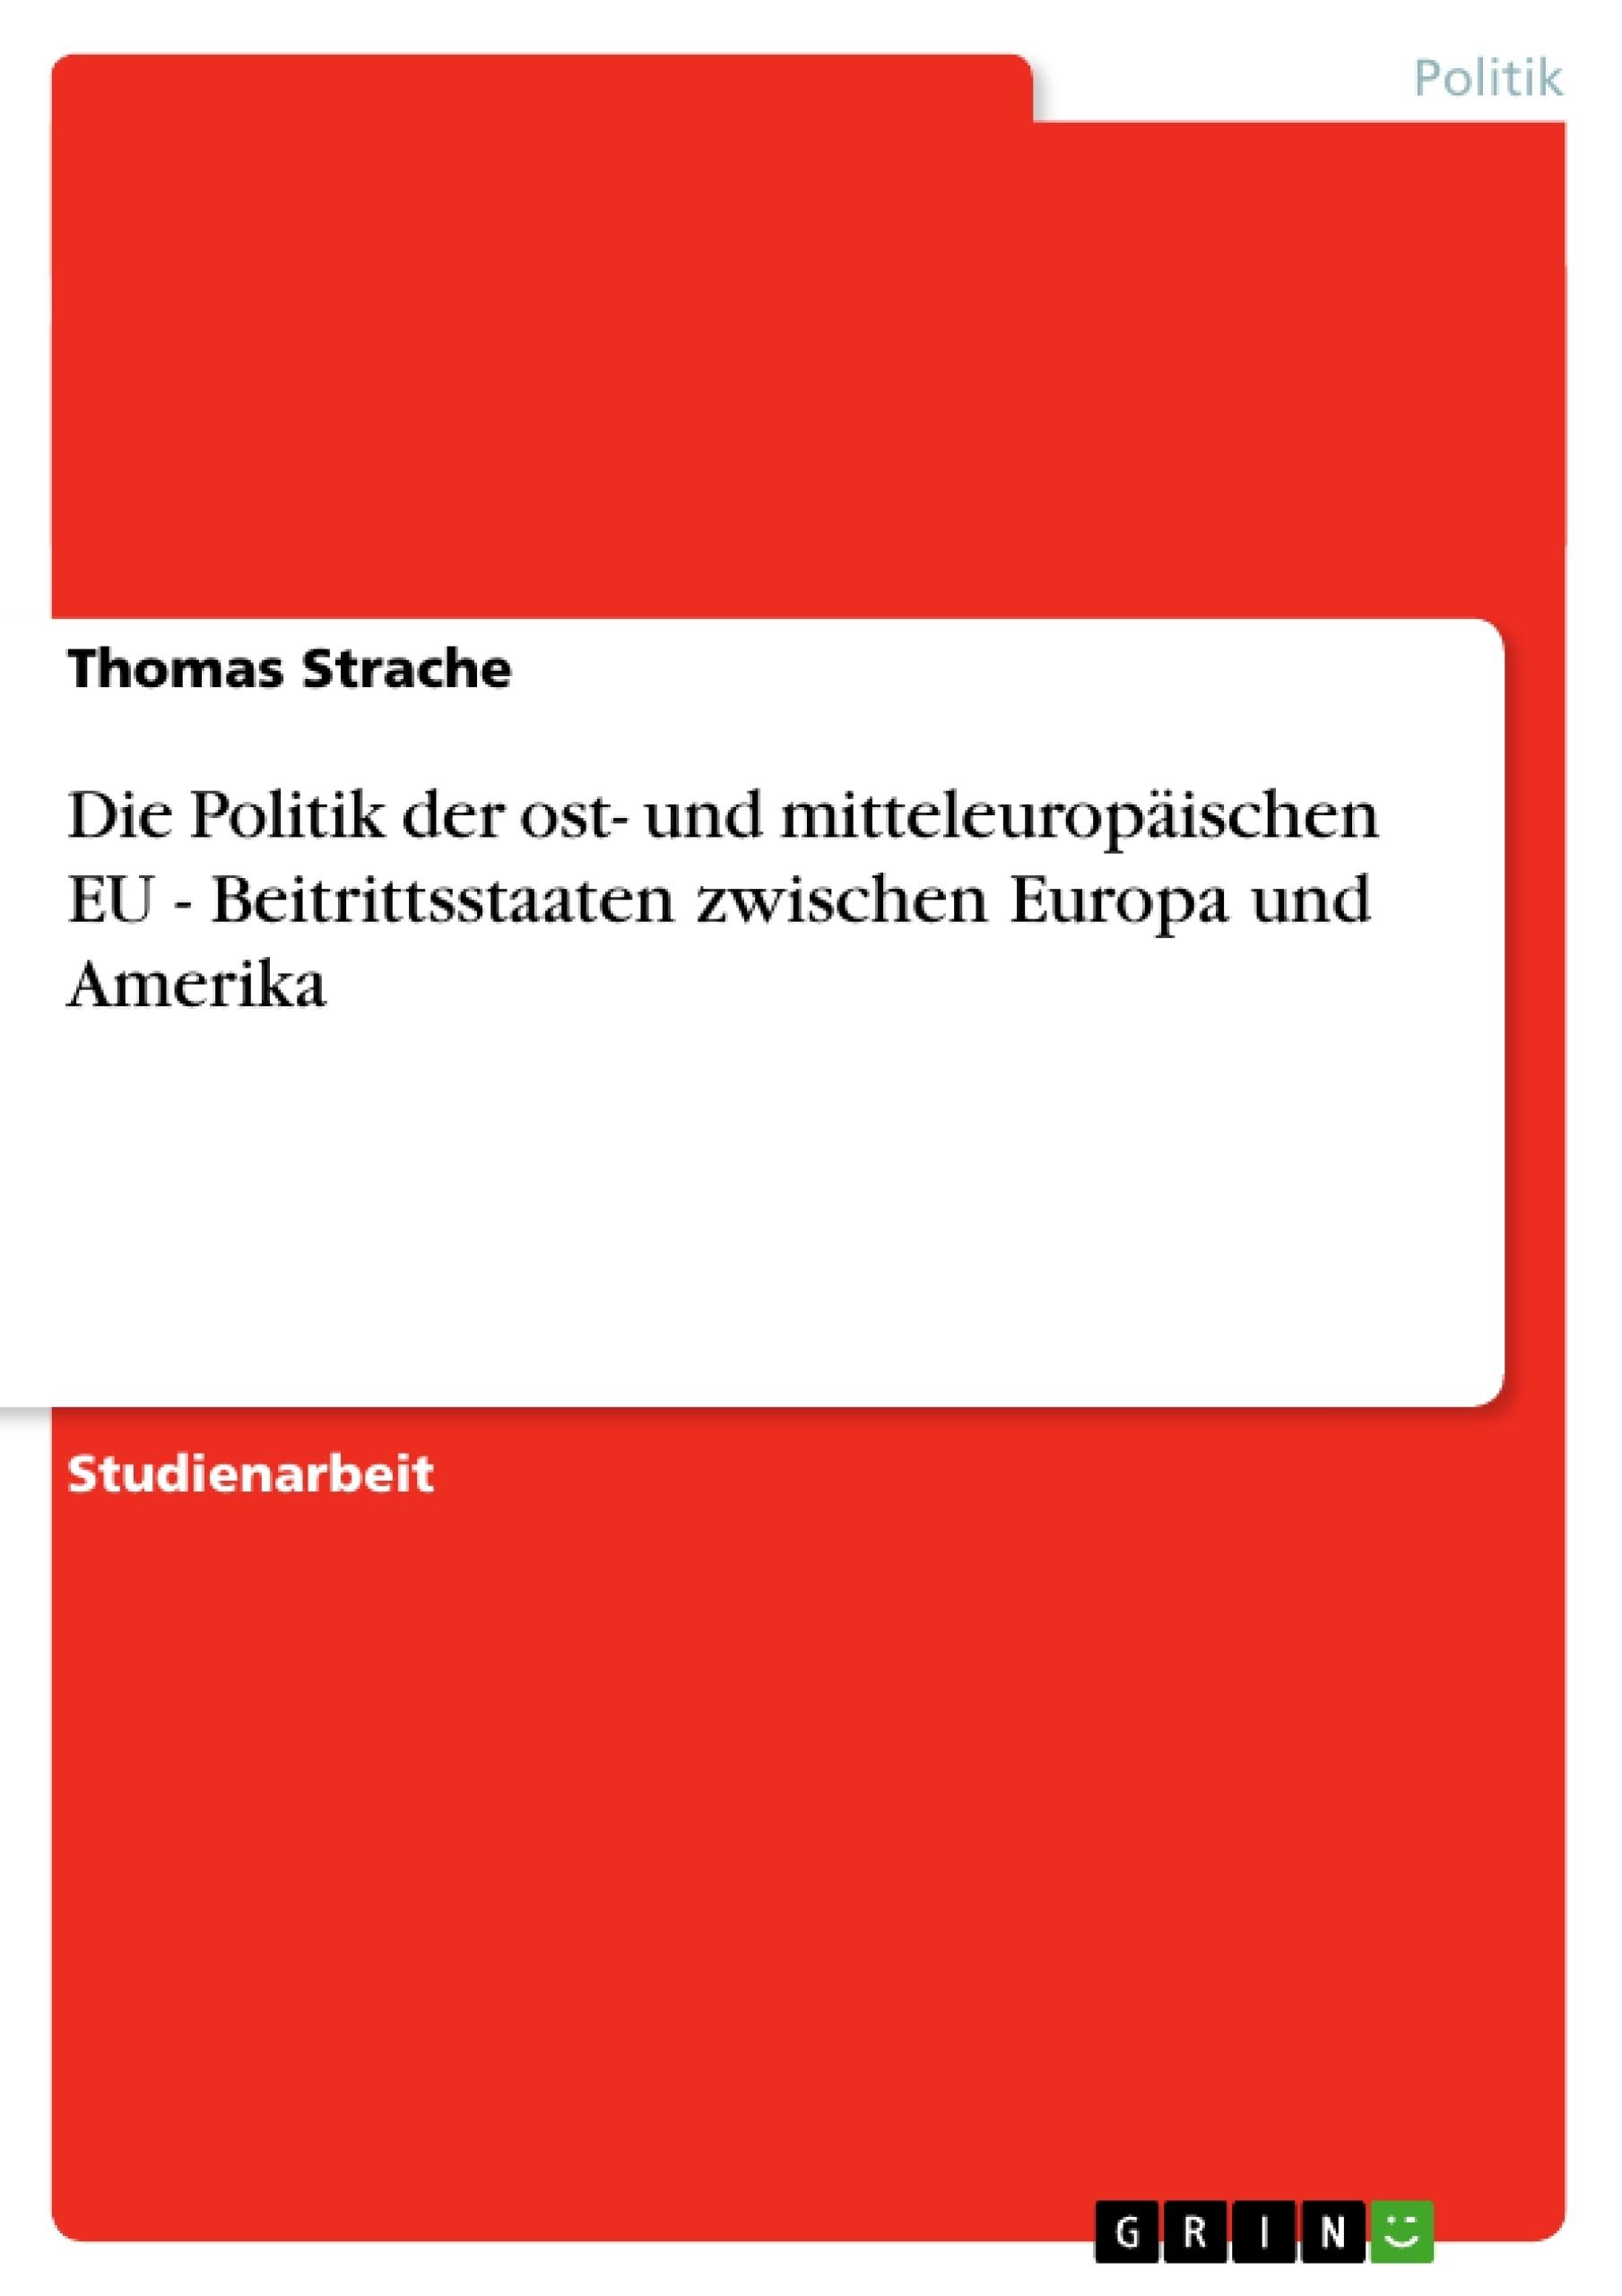 Titel: Die Politik der ost- und mitteleuropäischen EU - Beitrittsstaaten zwischen Europa und Amerika